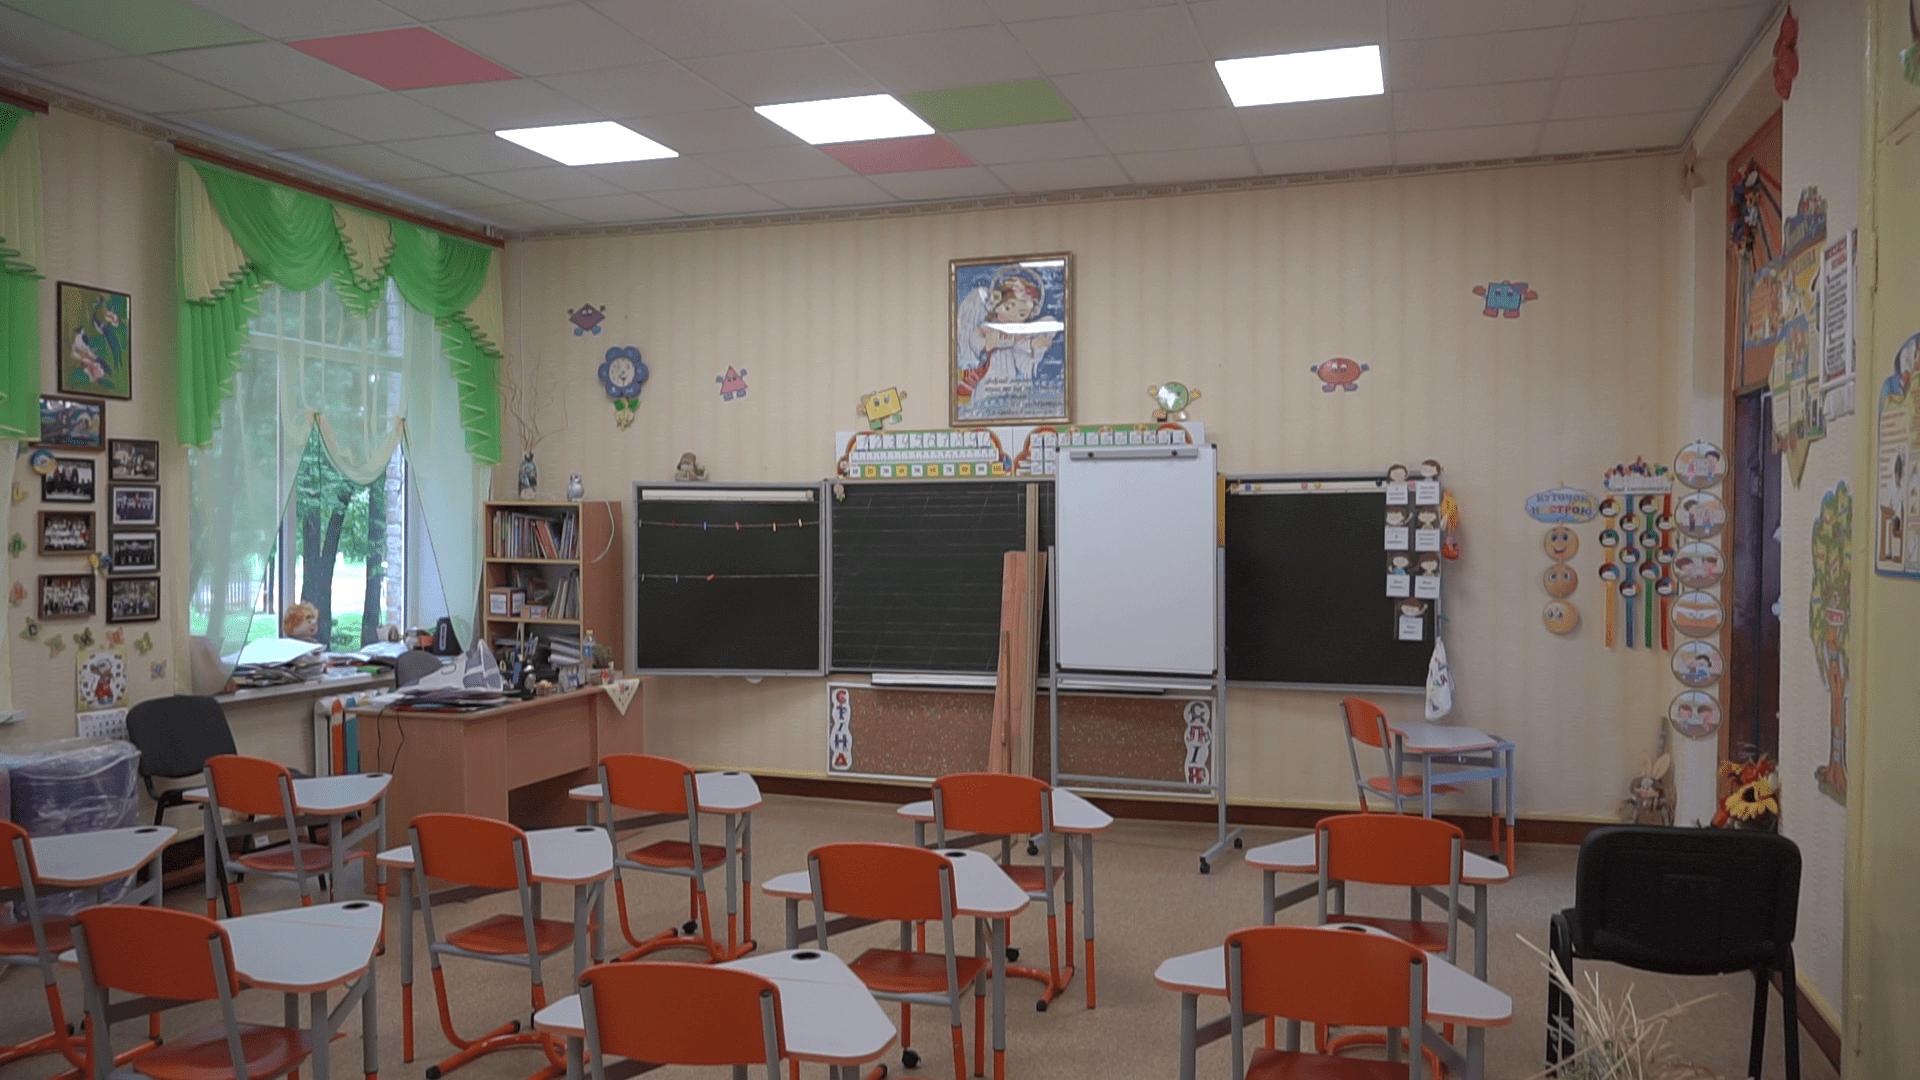 Голова Коломацької ОТГ Євген Почечун допоміг замінити підлогу та стелю в молодших класах